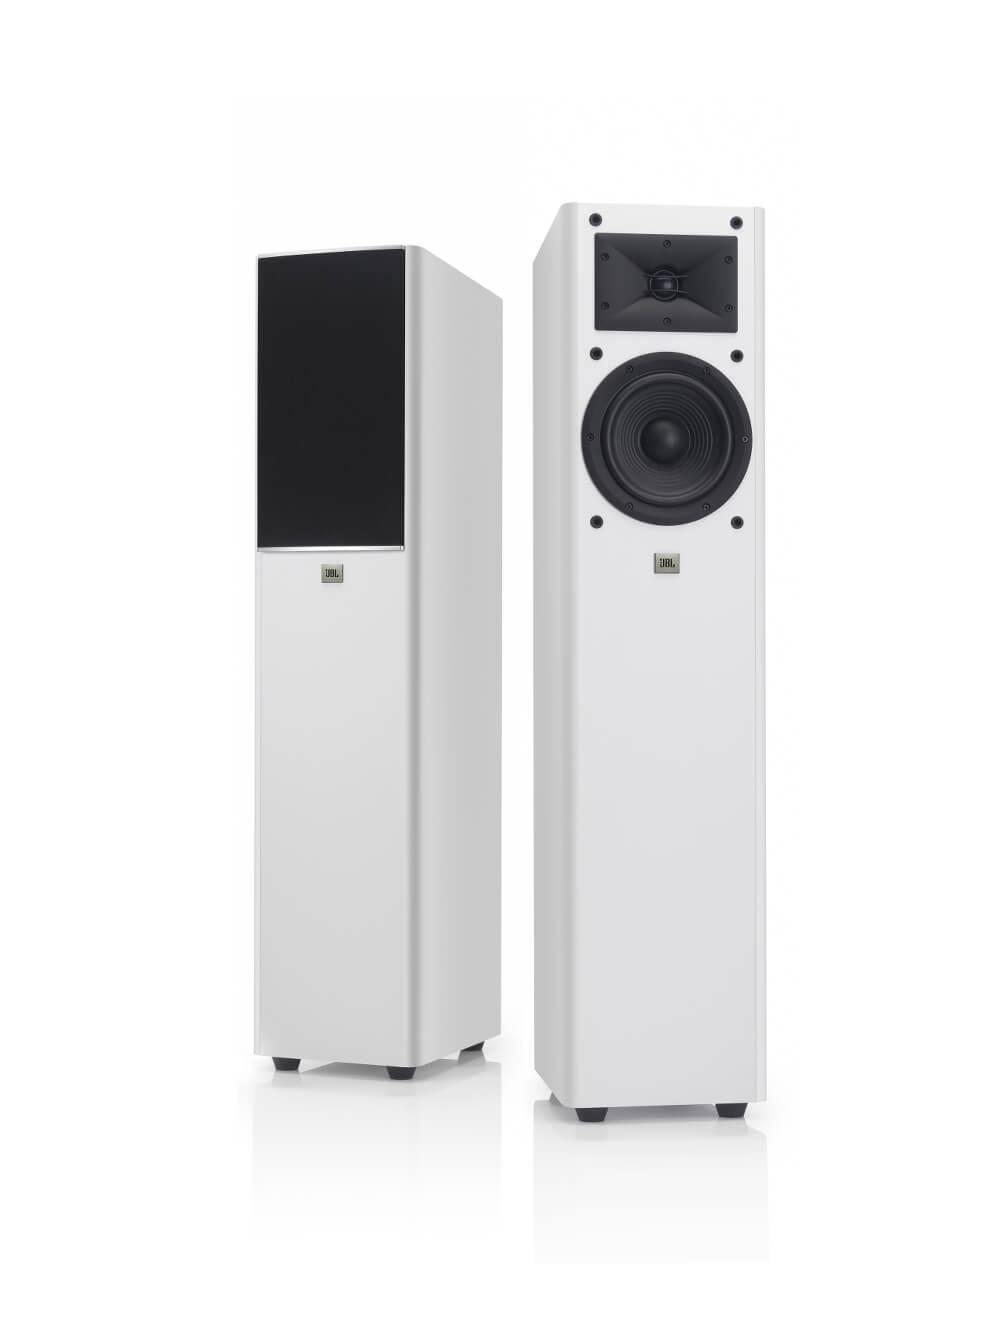 jbl home arena 170 quipement audio de salon enceintes. Black Bedroom Furniture Sets. Home Design Ideas